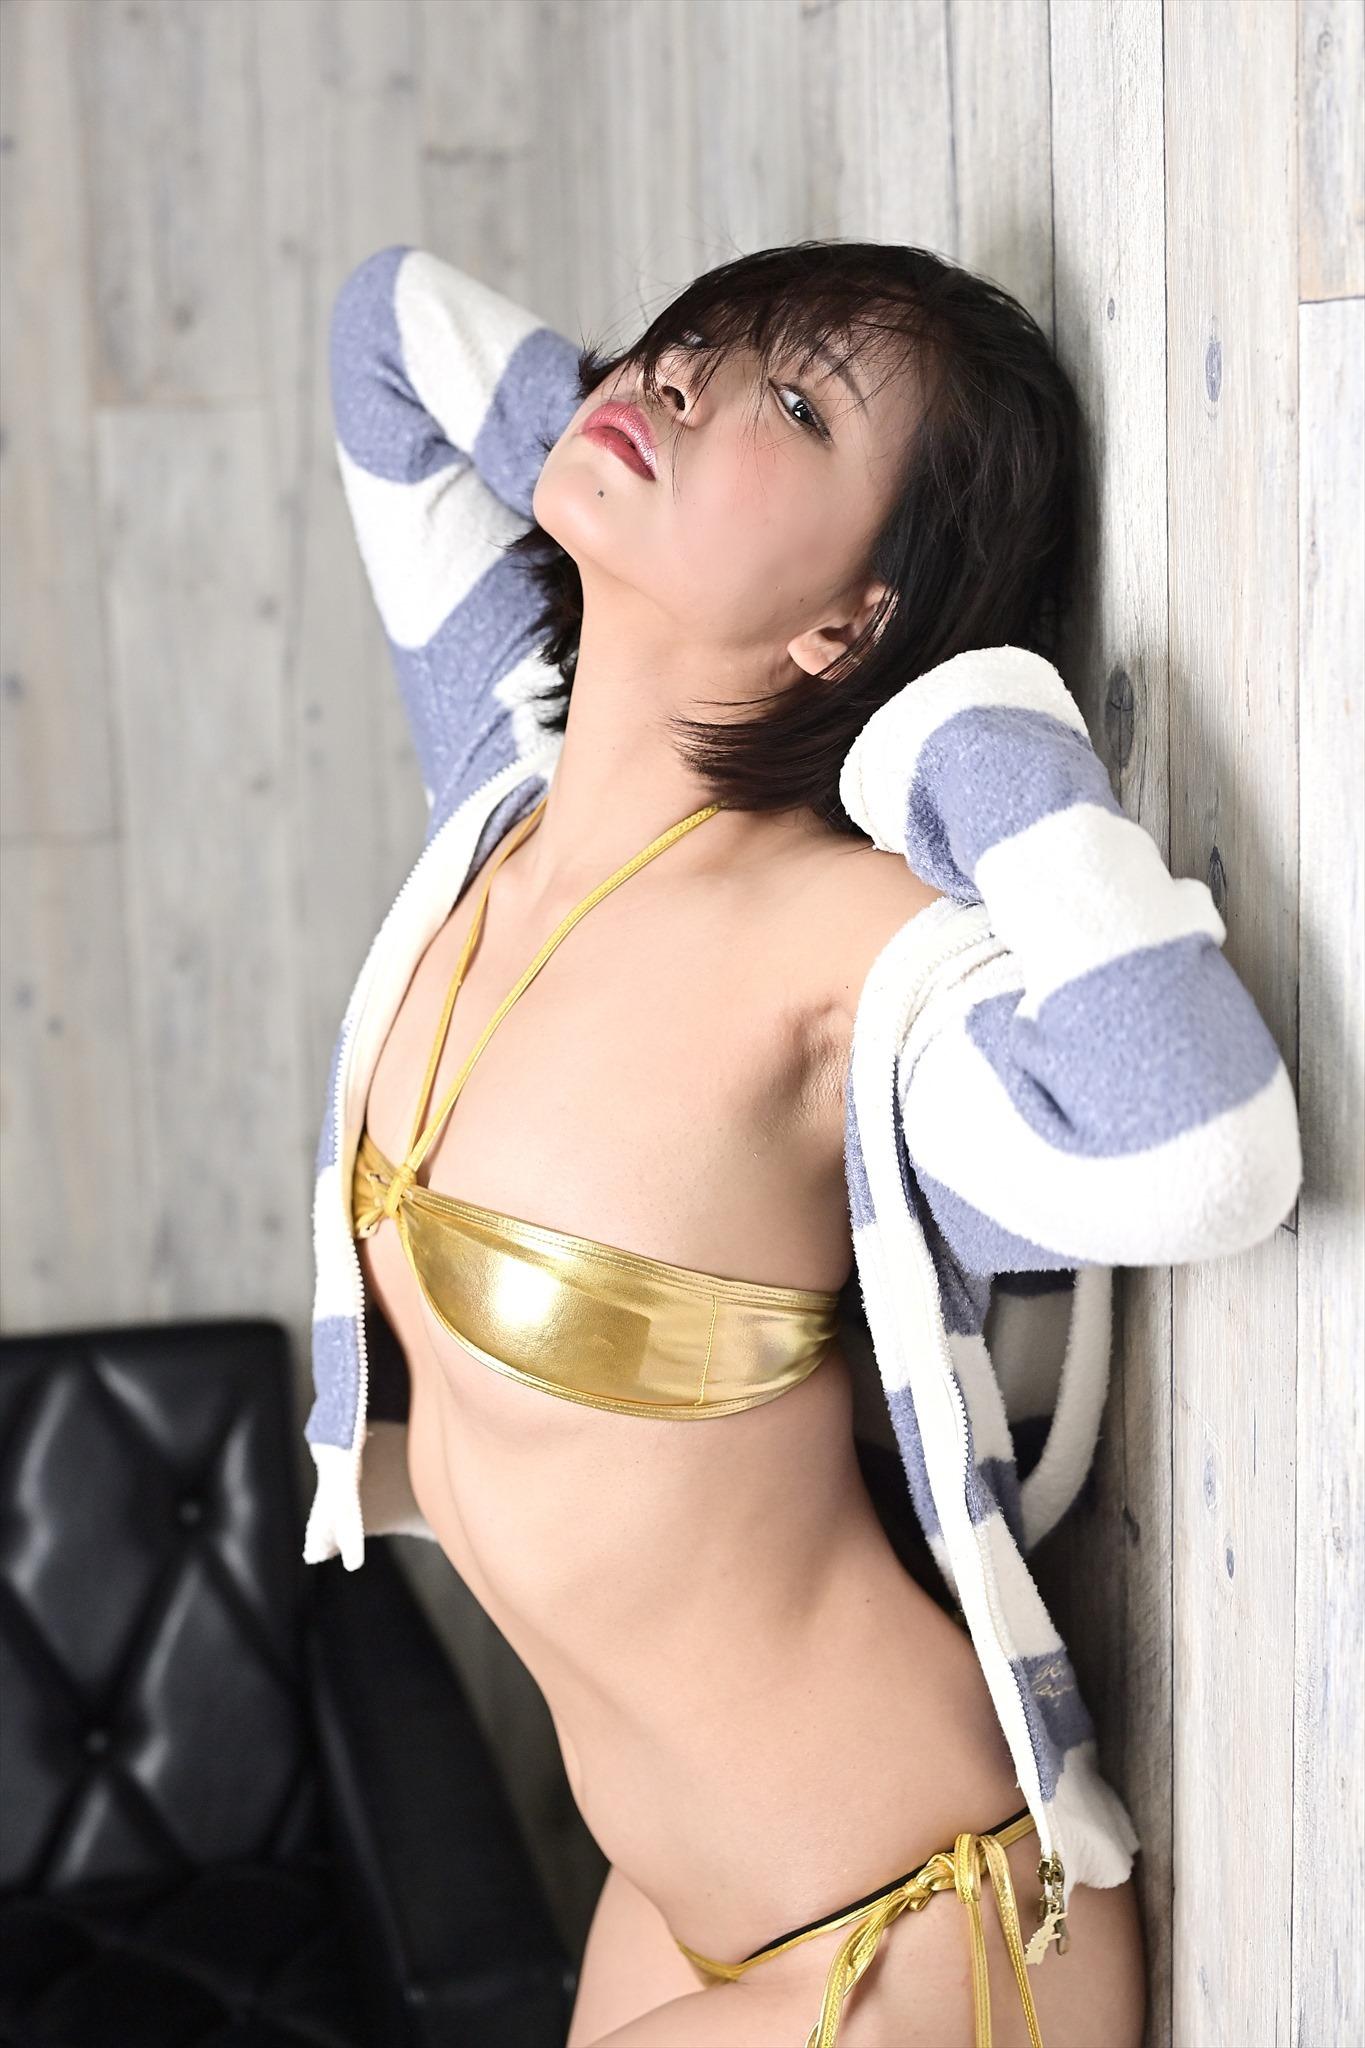 2020年11月14日 東京Lilyセッション撮影会報告_e0194893_23294465.jpg